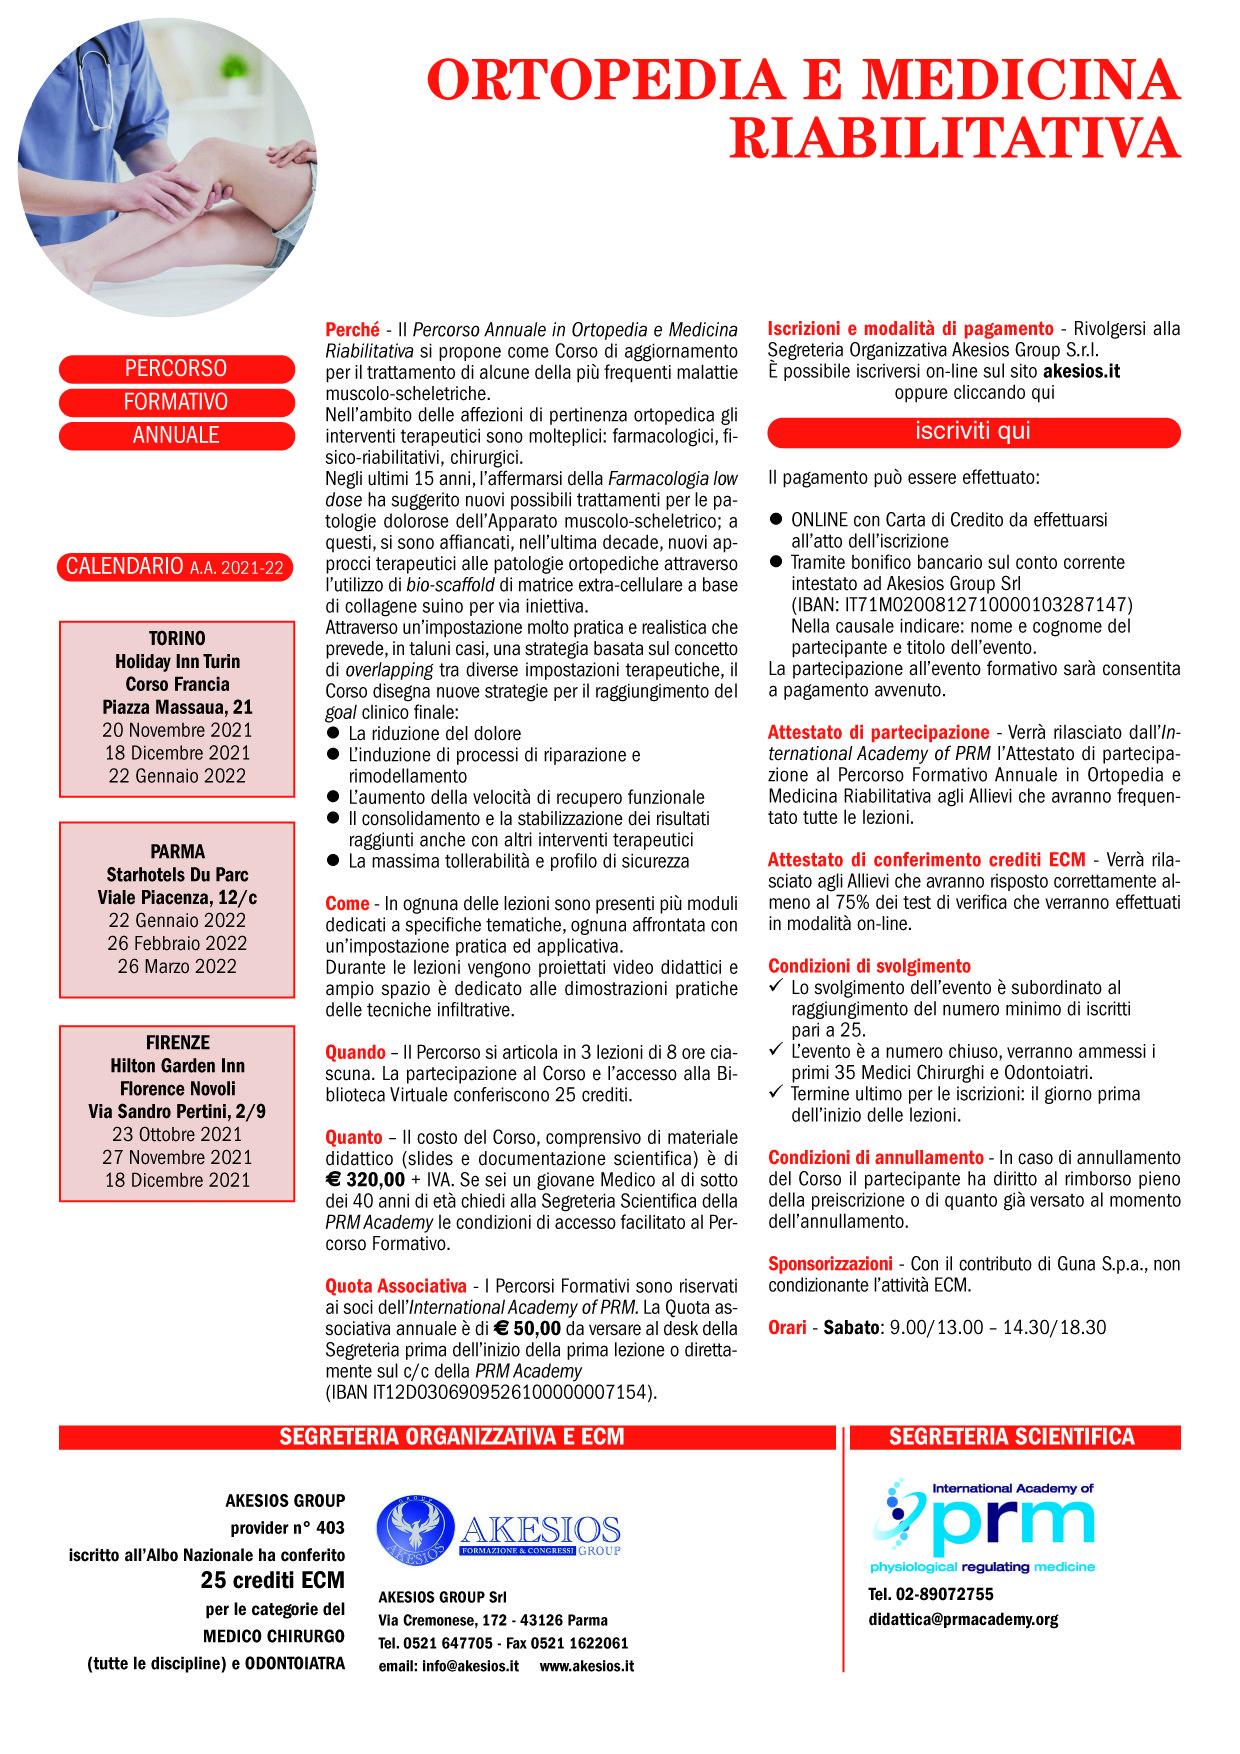 PERCORSO FORMATIVO ANNUALE IN ORTOPEDIA E MEDICINA RIABILITATIVA